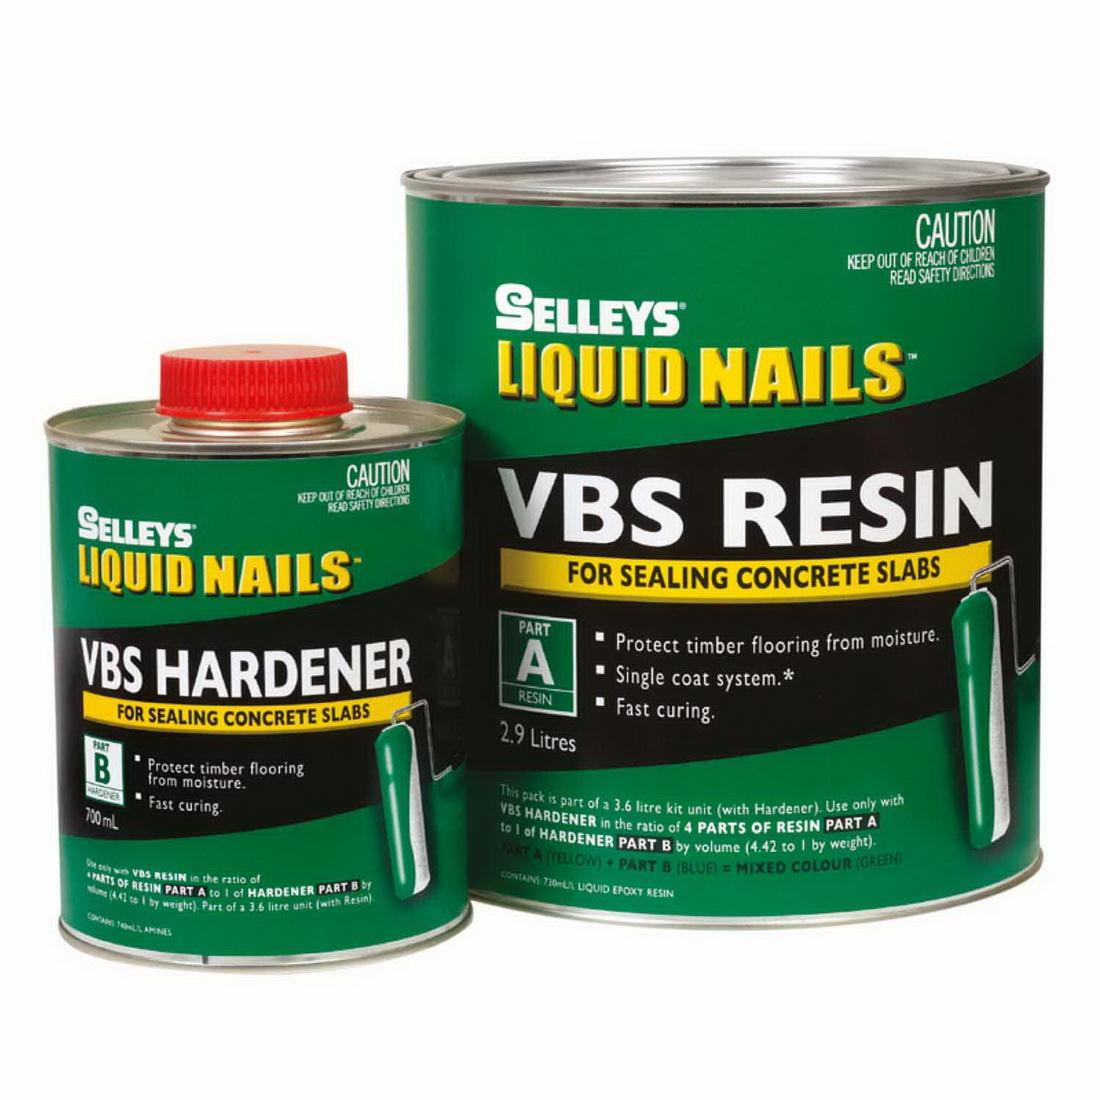 Liquid Nails 3.6L VBS Vapour Barrier Kit For Sealing Concrete Slabs